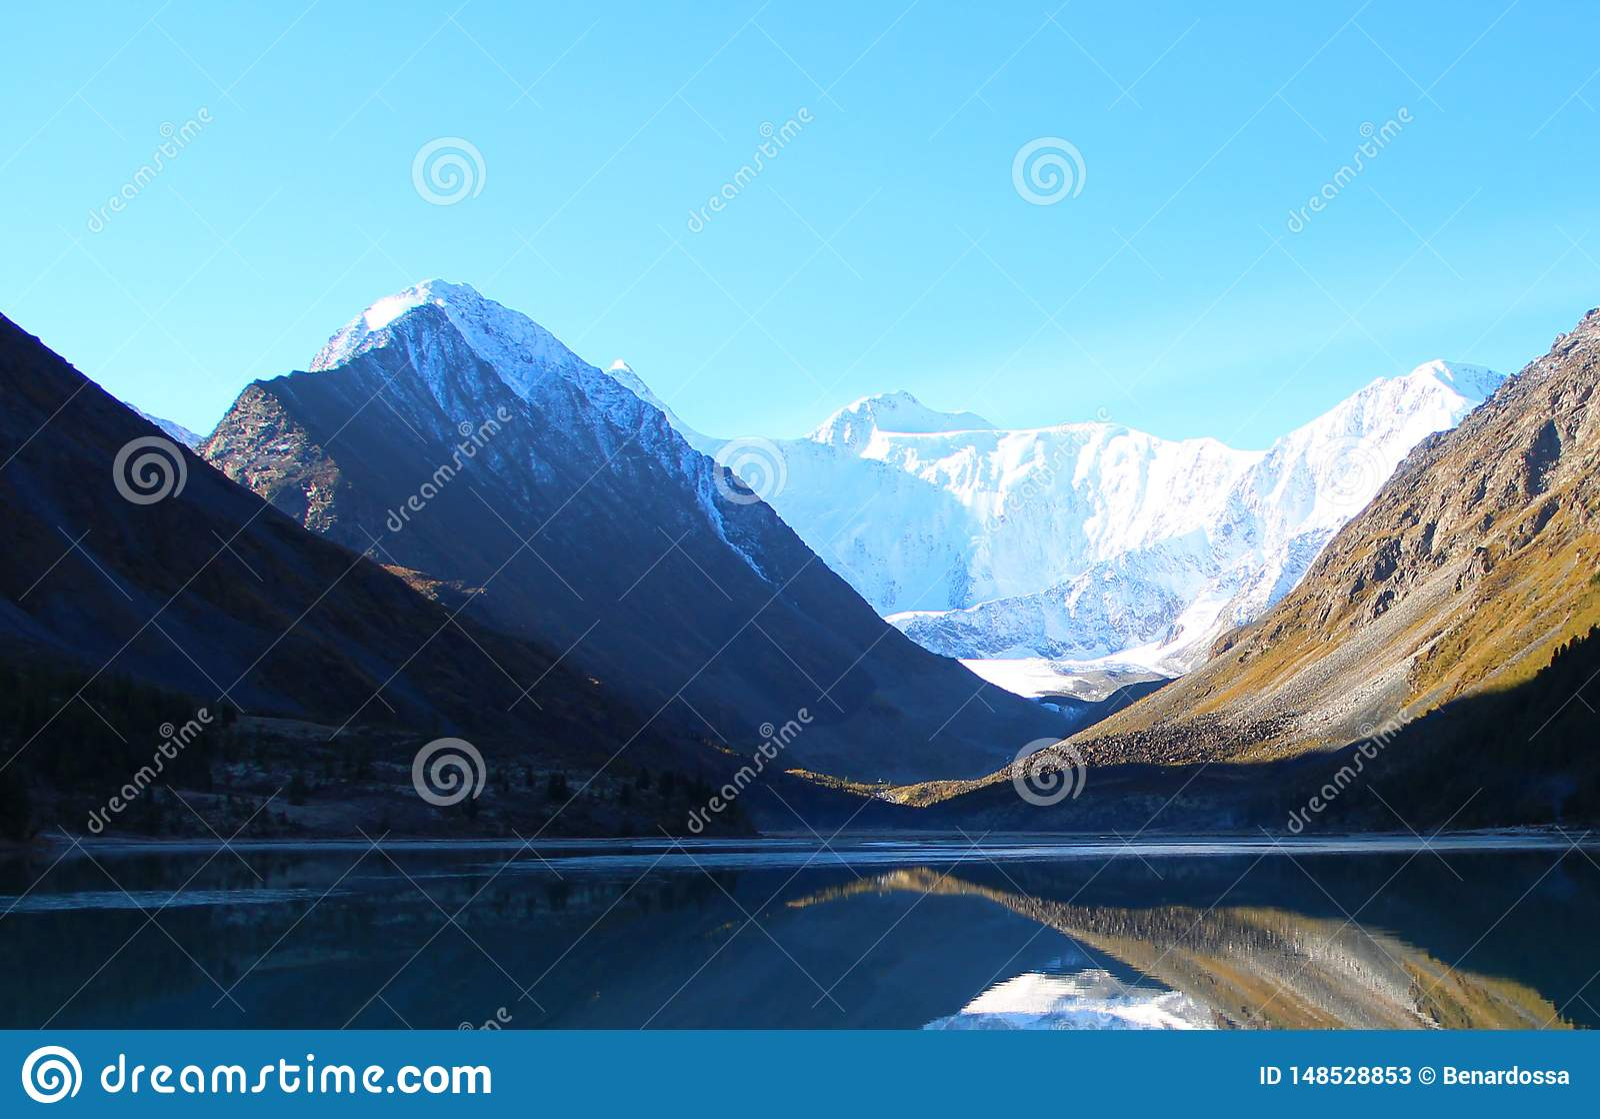 Blauw Meer onder de bergen van de Altai-Bergen